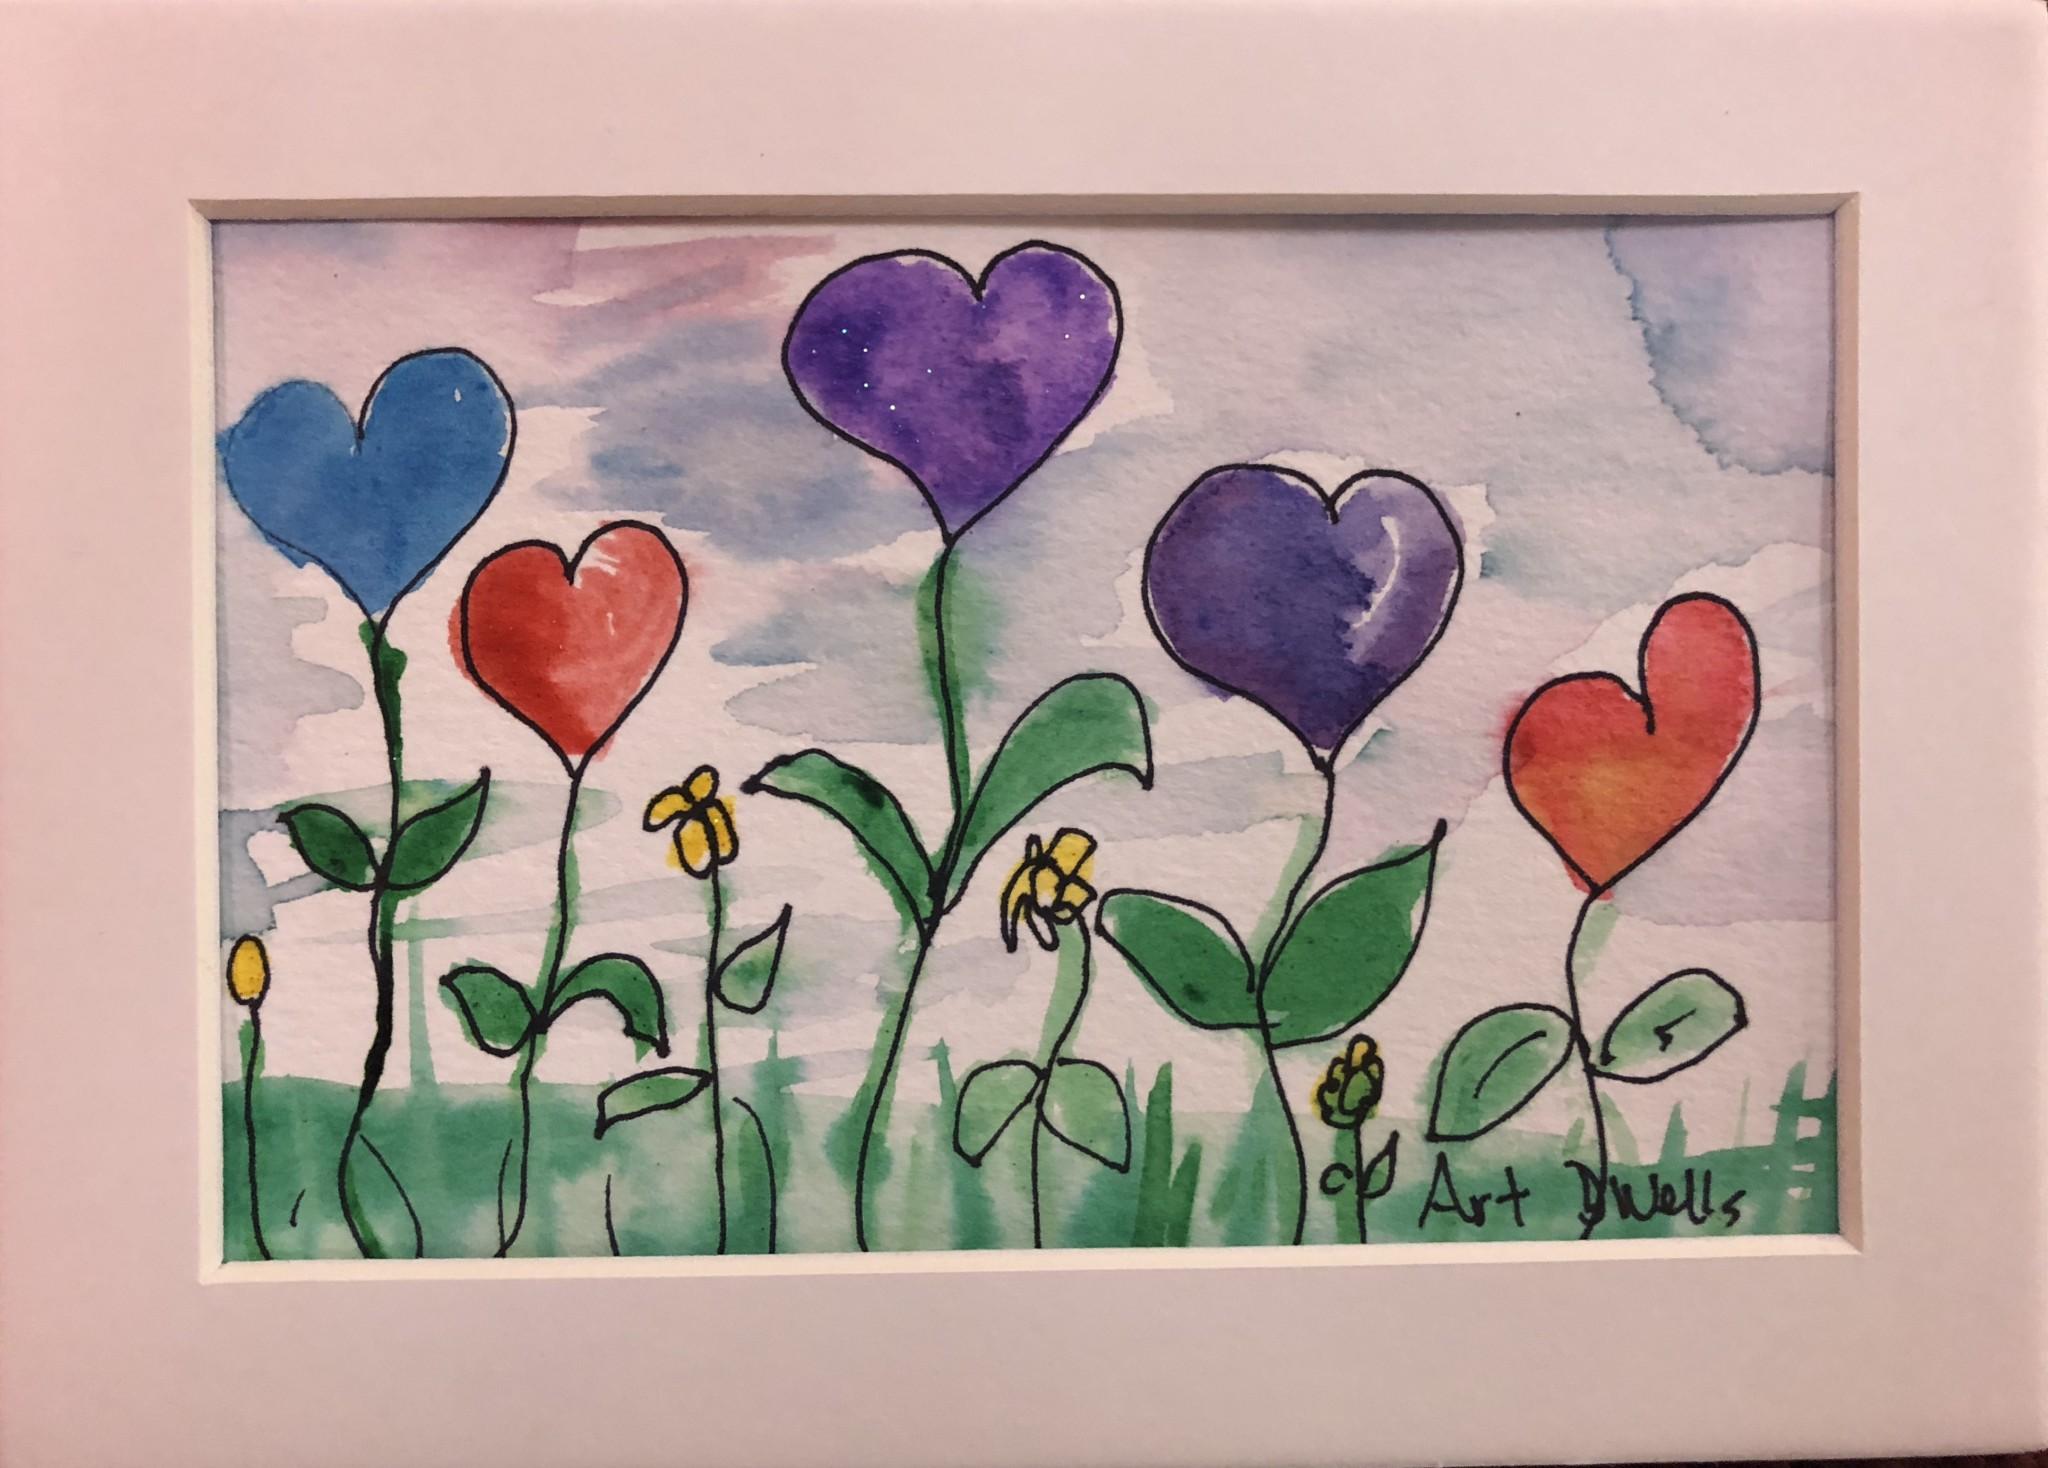 Heart-flowers-copy-copy